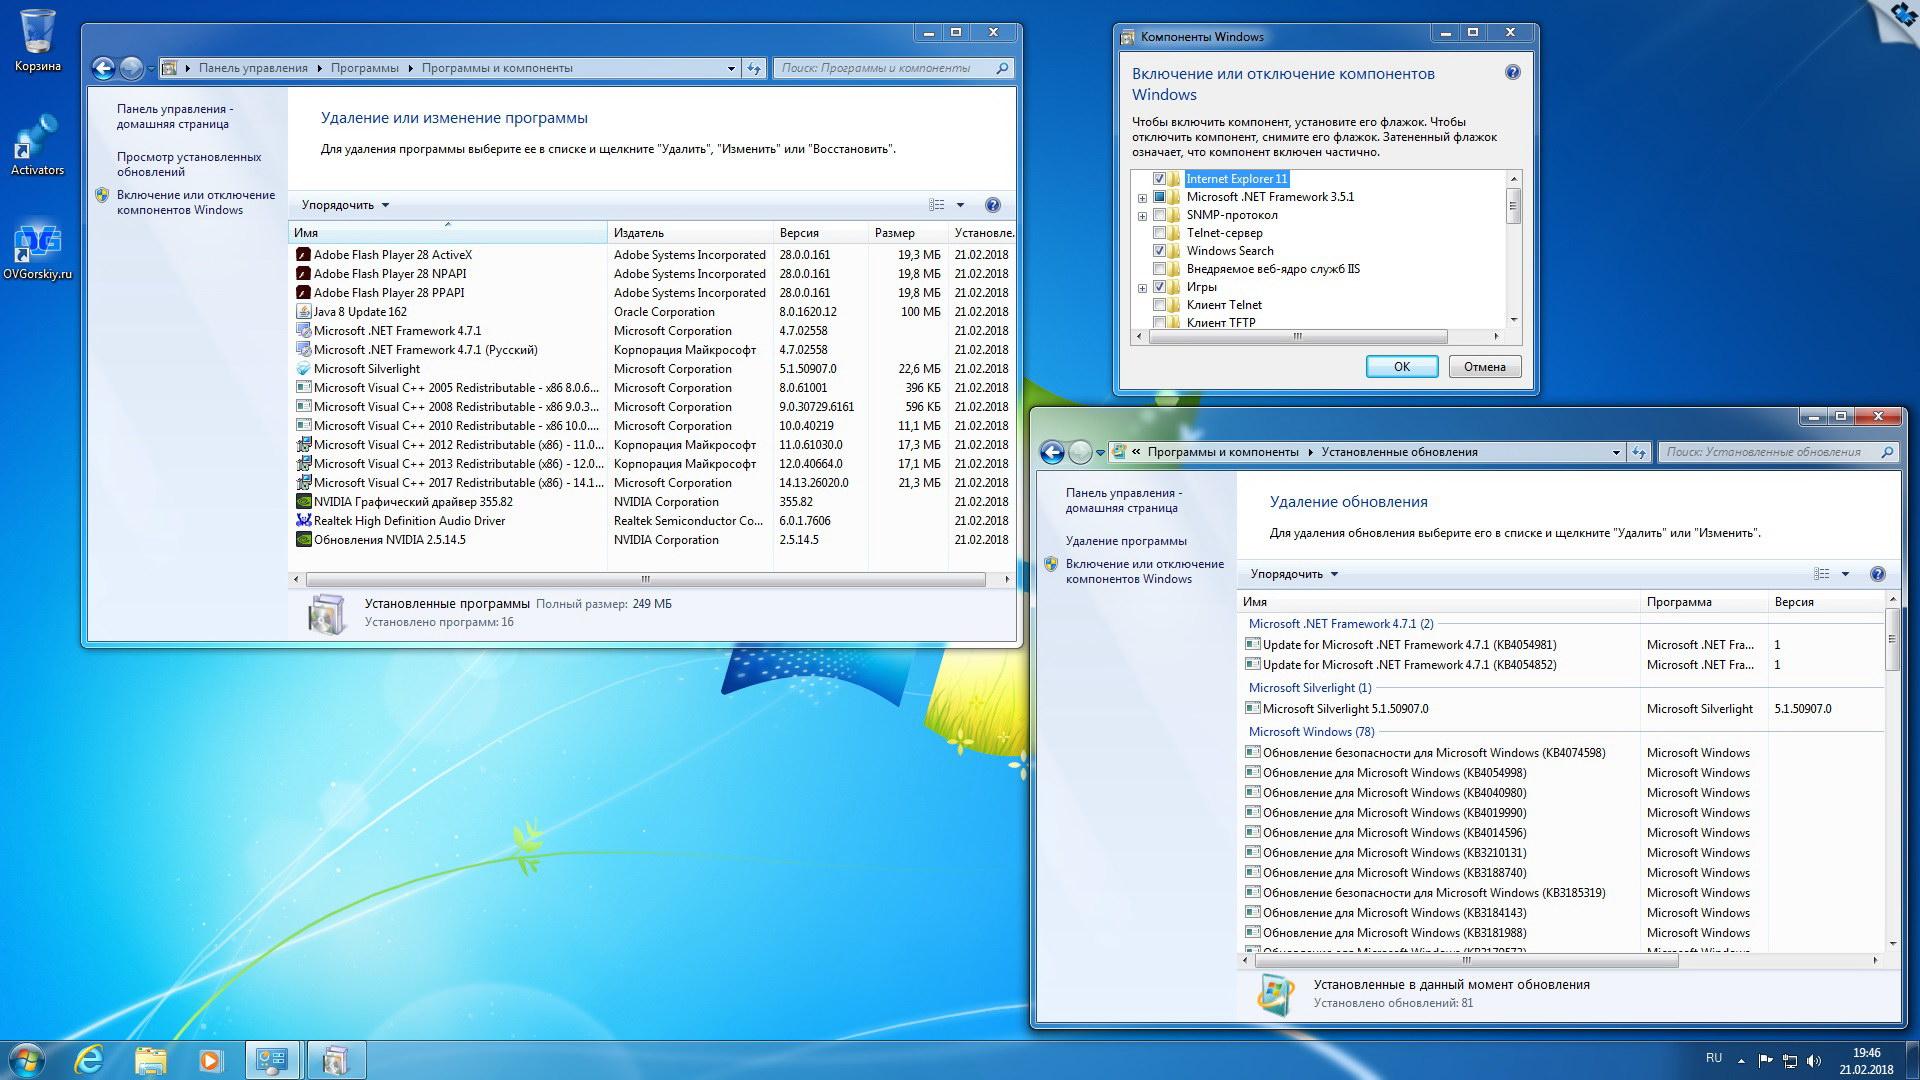 Microsoft Windows 7 SP1 x86/x64 Ru 9 in 1 Origin-Upd 02.2018 by OVGorskiy® 1DVD (2018) Русский